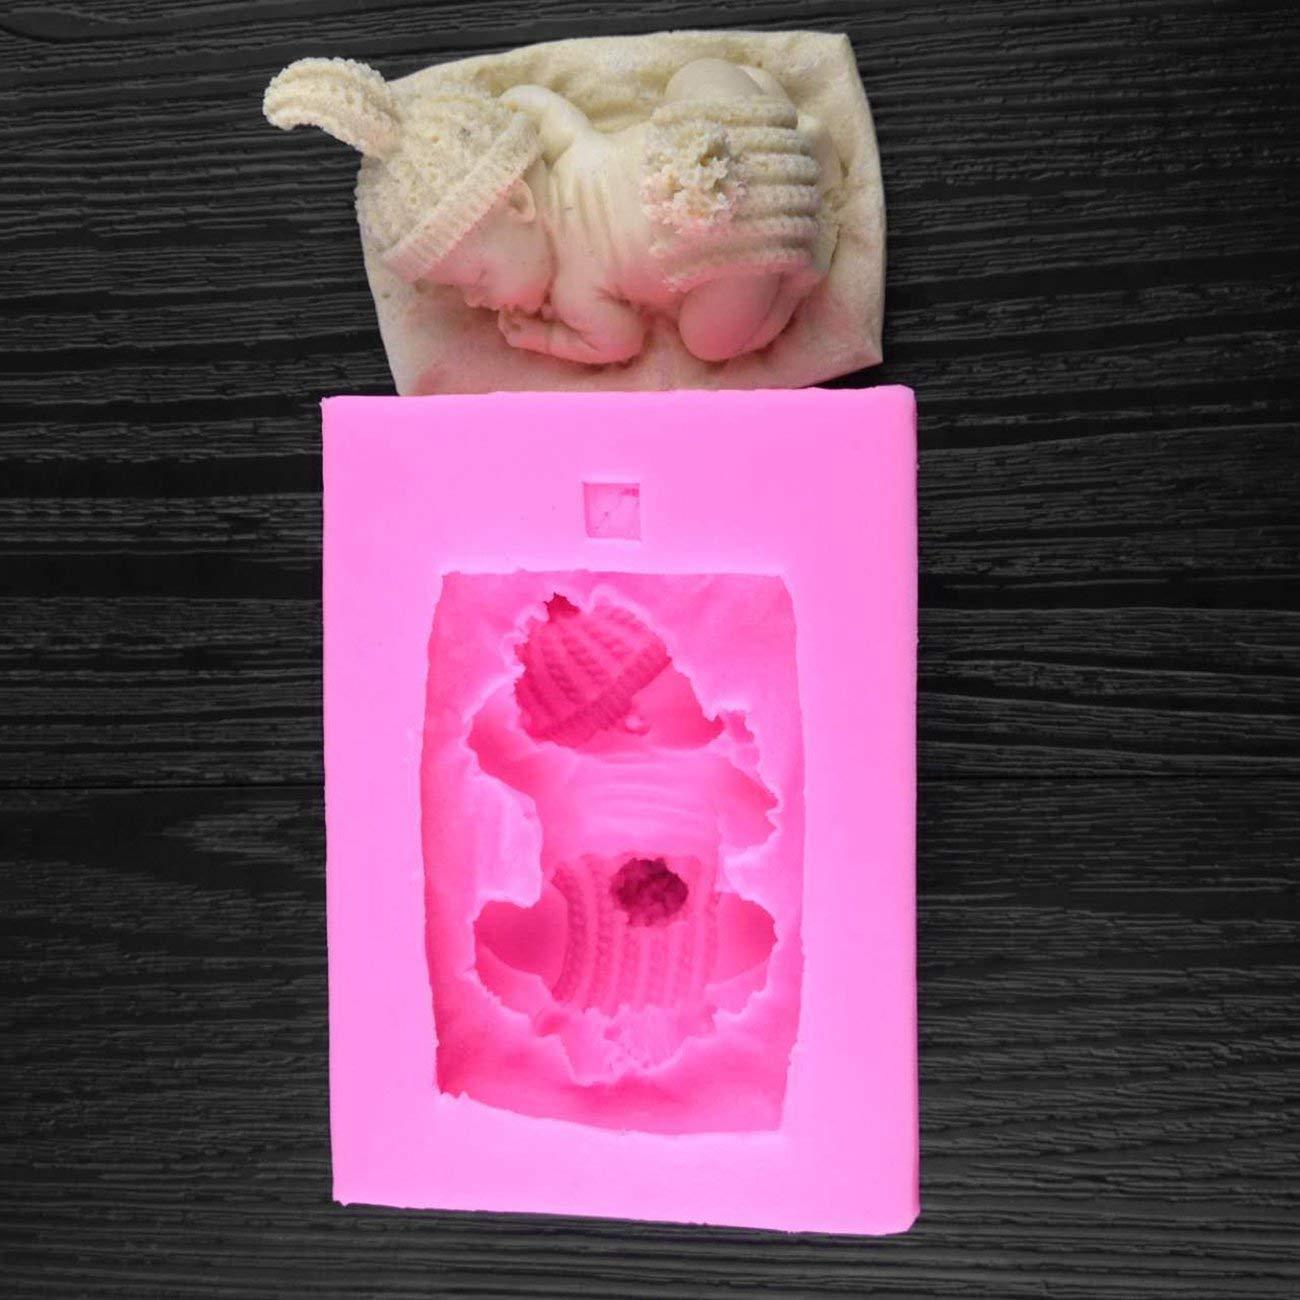 Stampo per dolci in silicone non tossico inodore per bambini che dorme